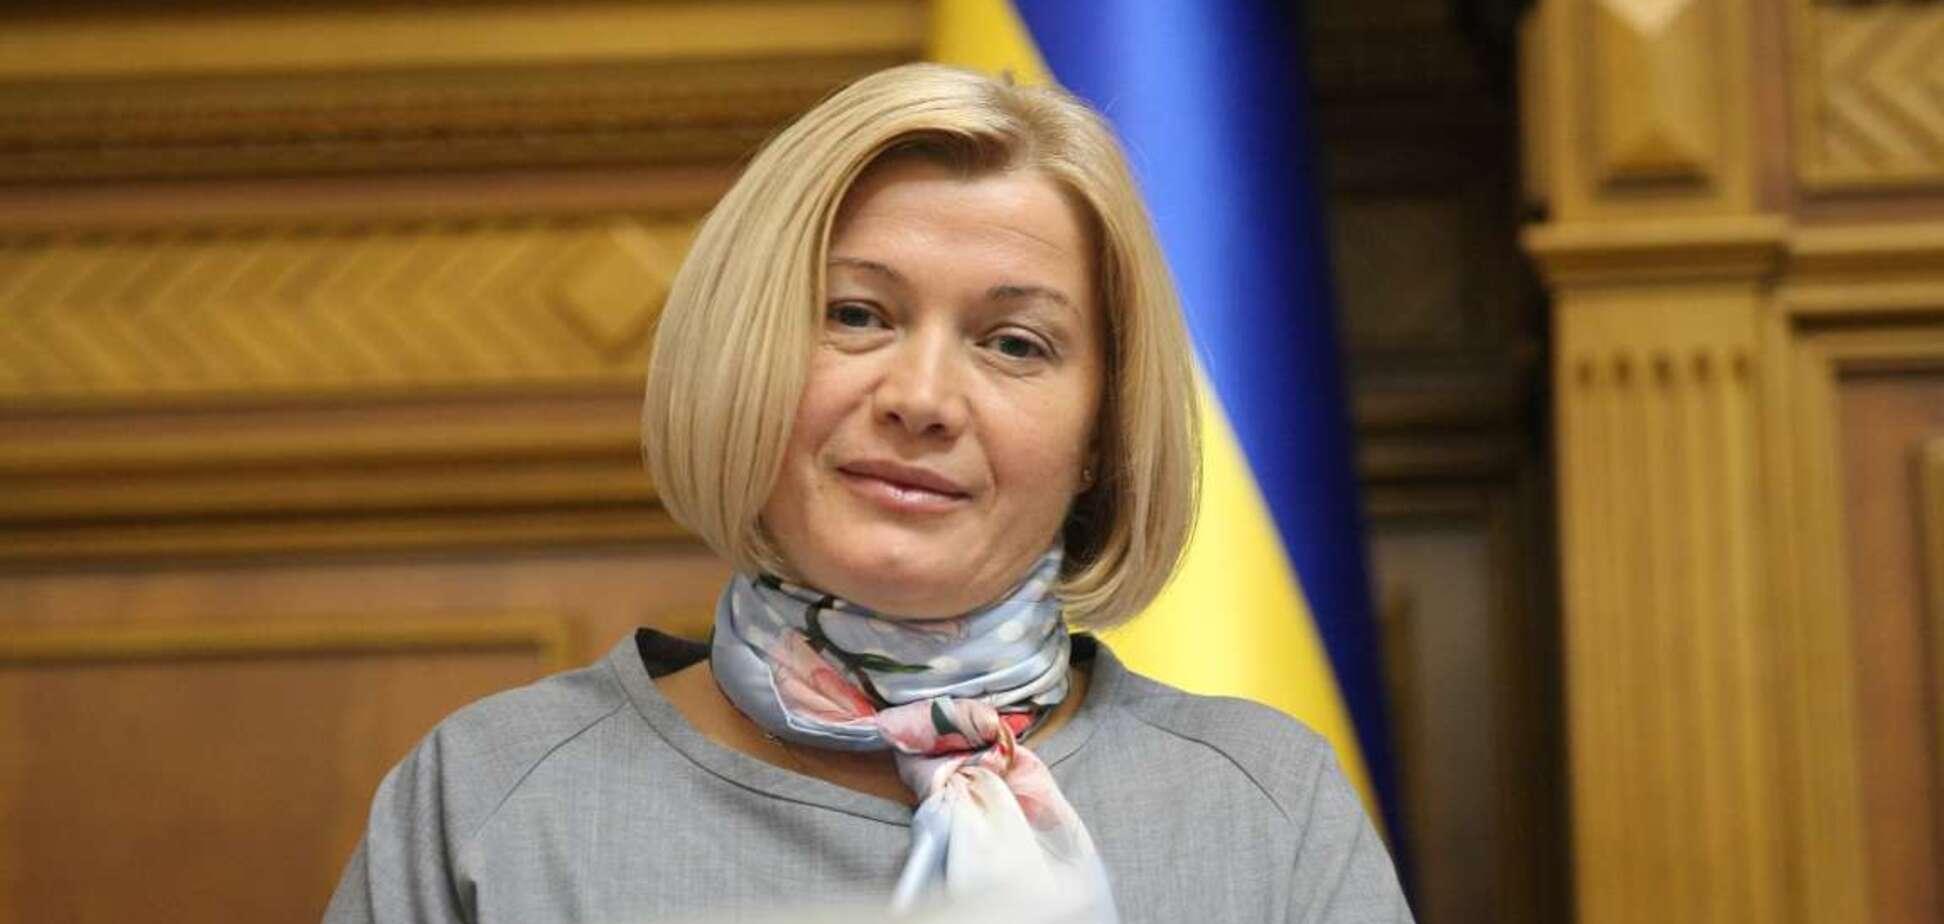 Ірина Геращенко звинуватила чинну владу у некомпетентності